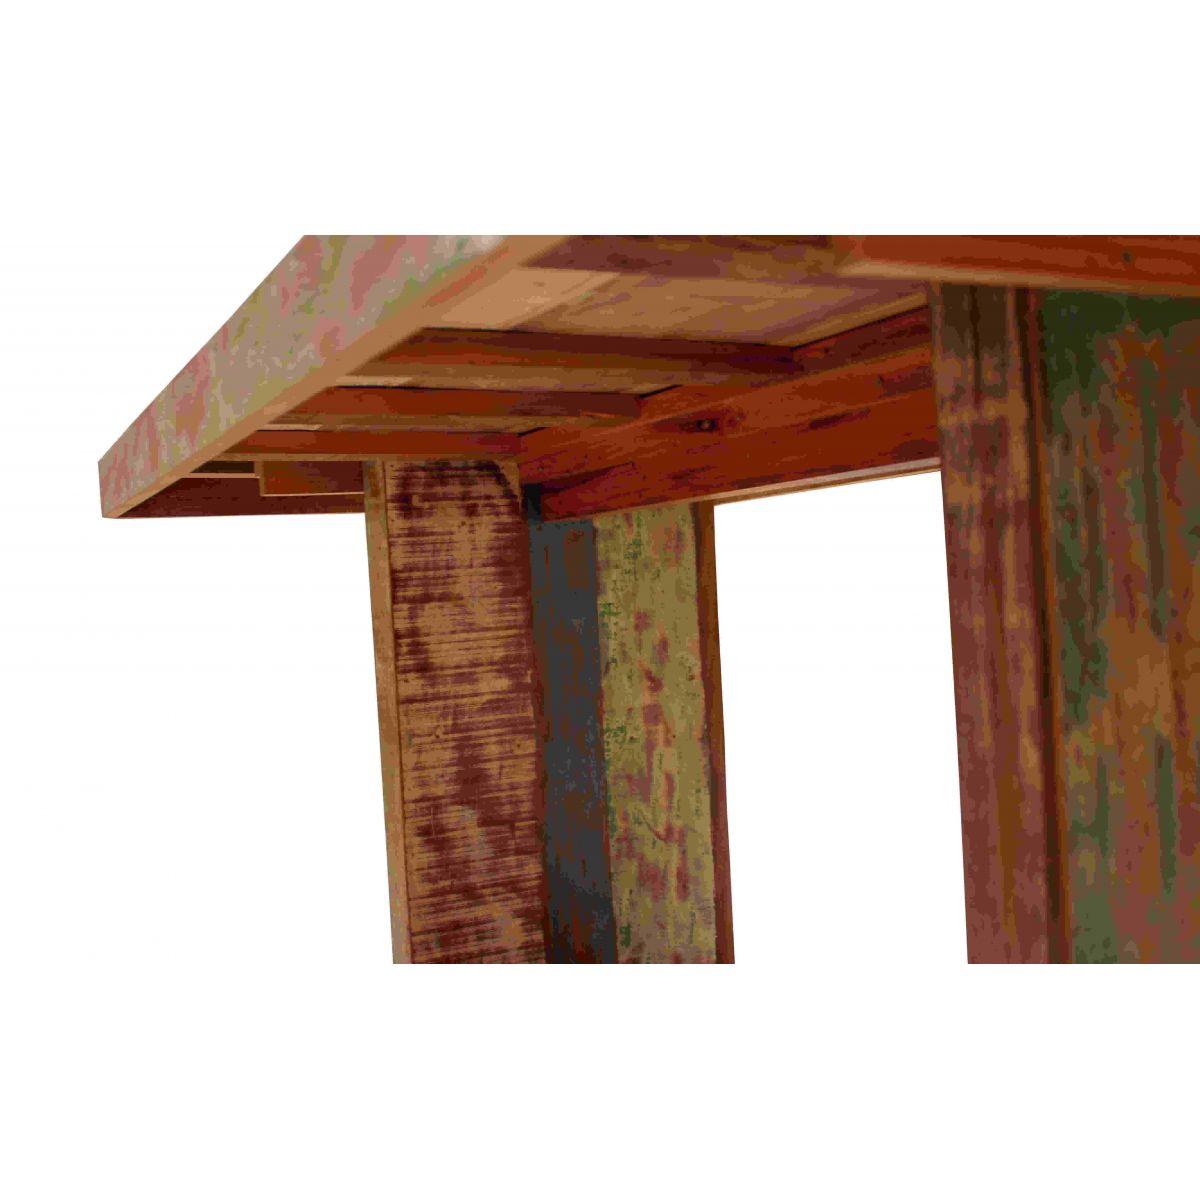 Mesa De Jantar Pés Recuados Medindo 1,80X1,00X78 Em Madeira De Demolição